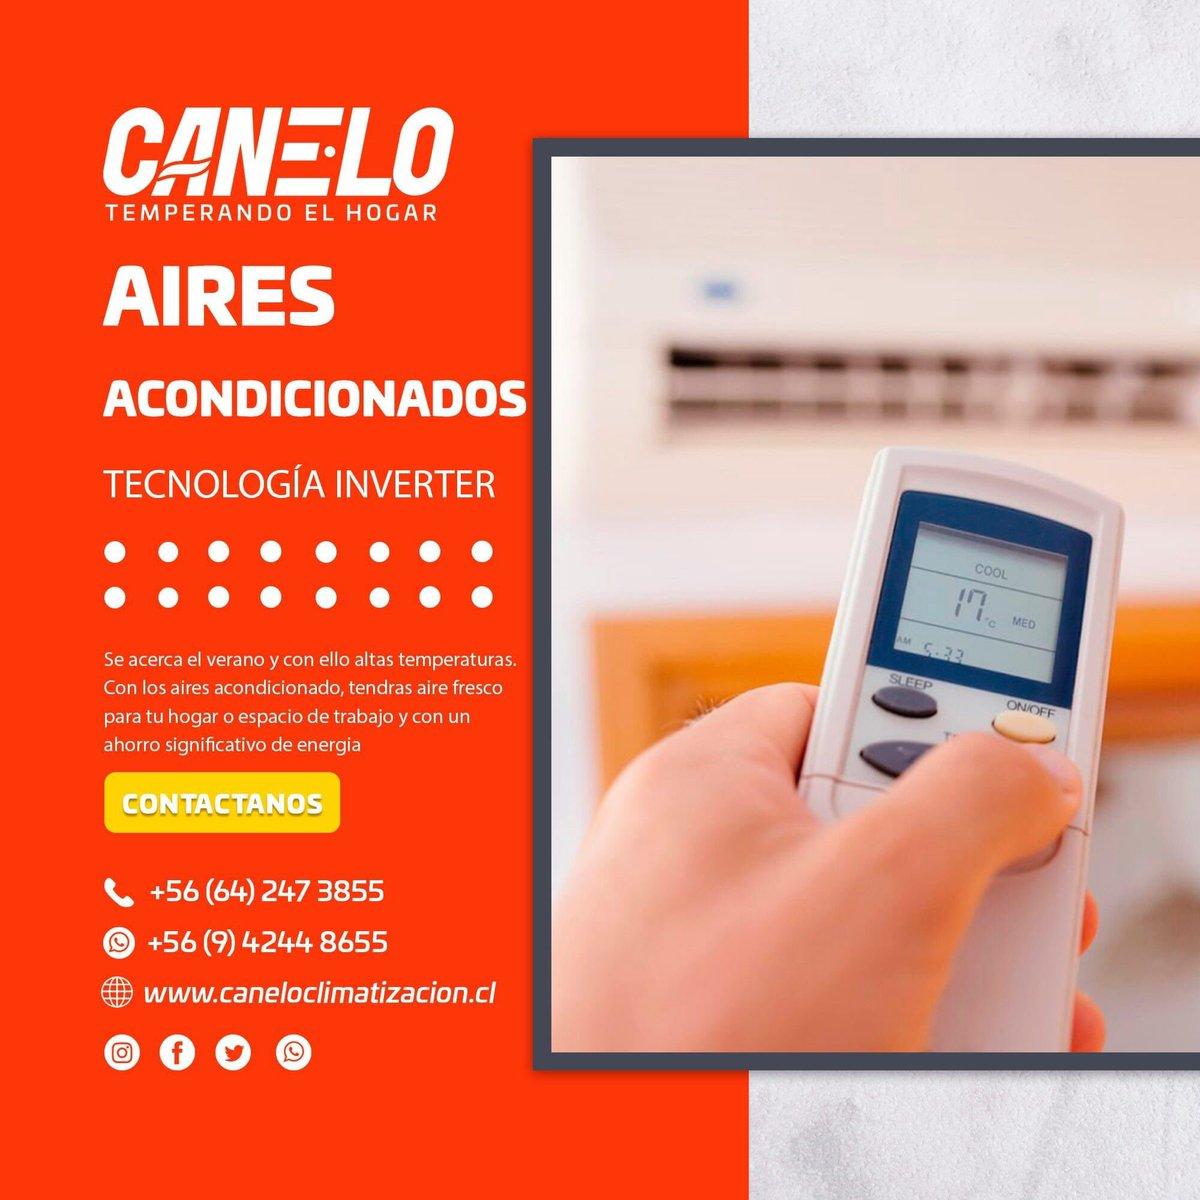 Nuestros equipos de Aire Acondicionado son los más eficientes del mercado. Ya que cuentan con tecnología inverter que te permiten ahorrar energía mientras calefaccionas o resfrescas tus espacios. 👌🏼😉 #Osorno #aire #verano #fresco #limpio